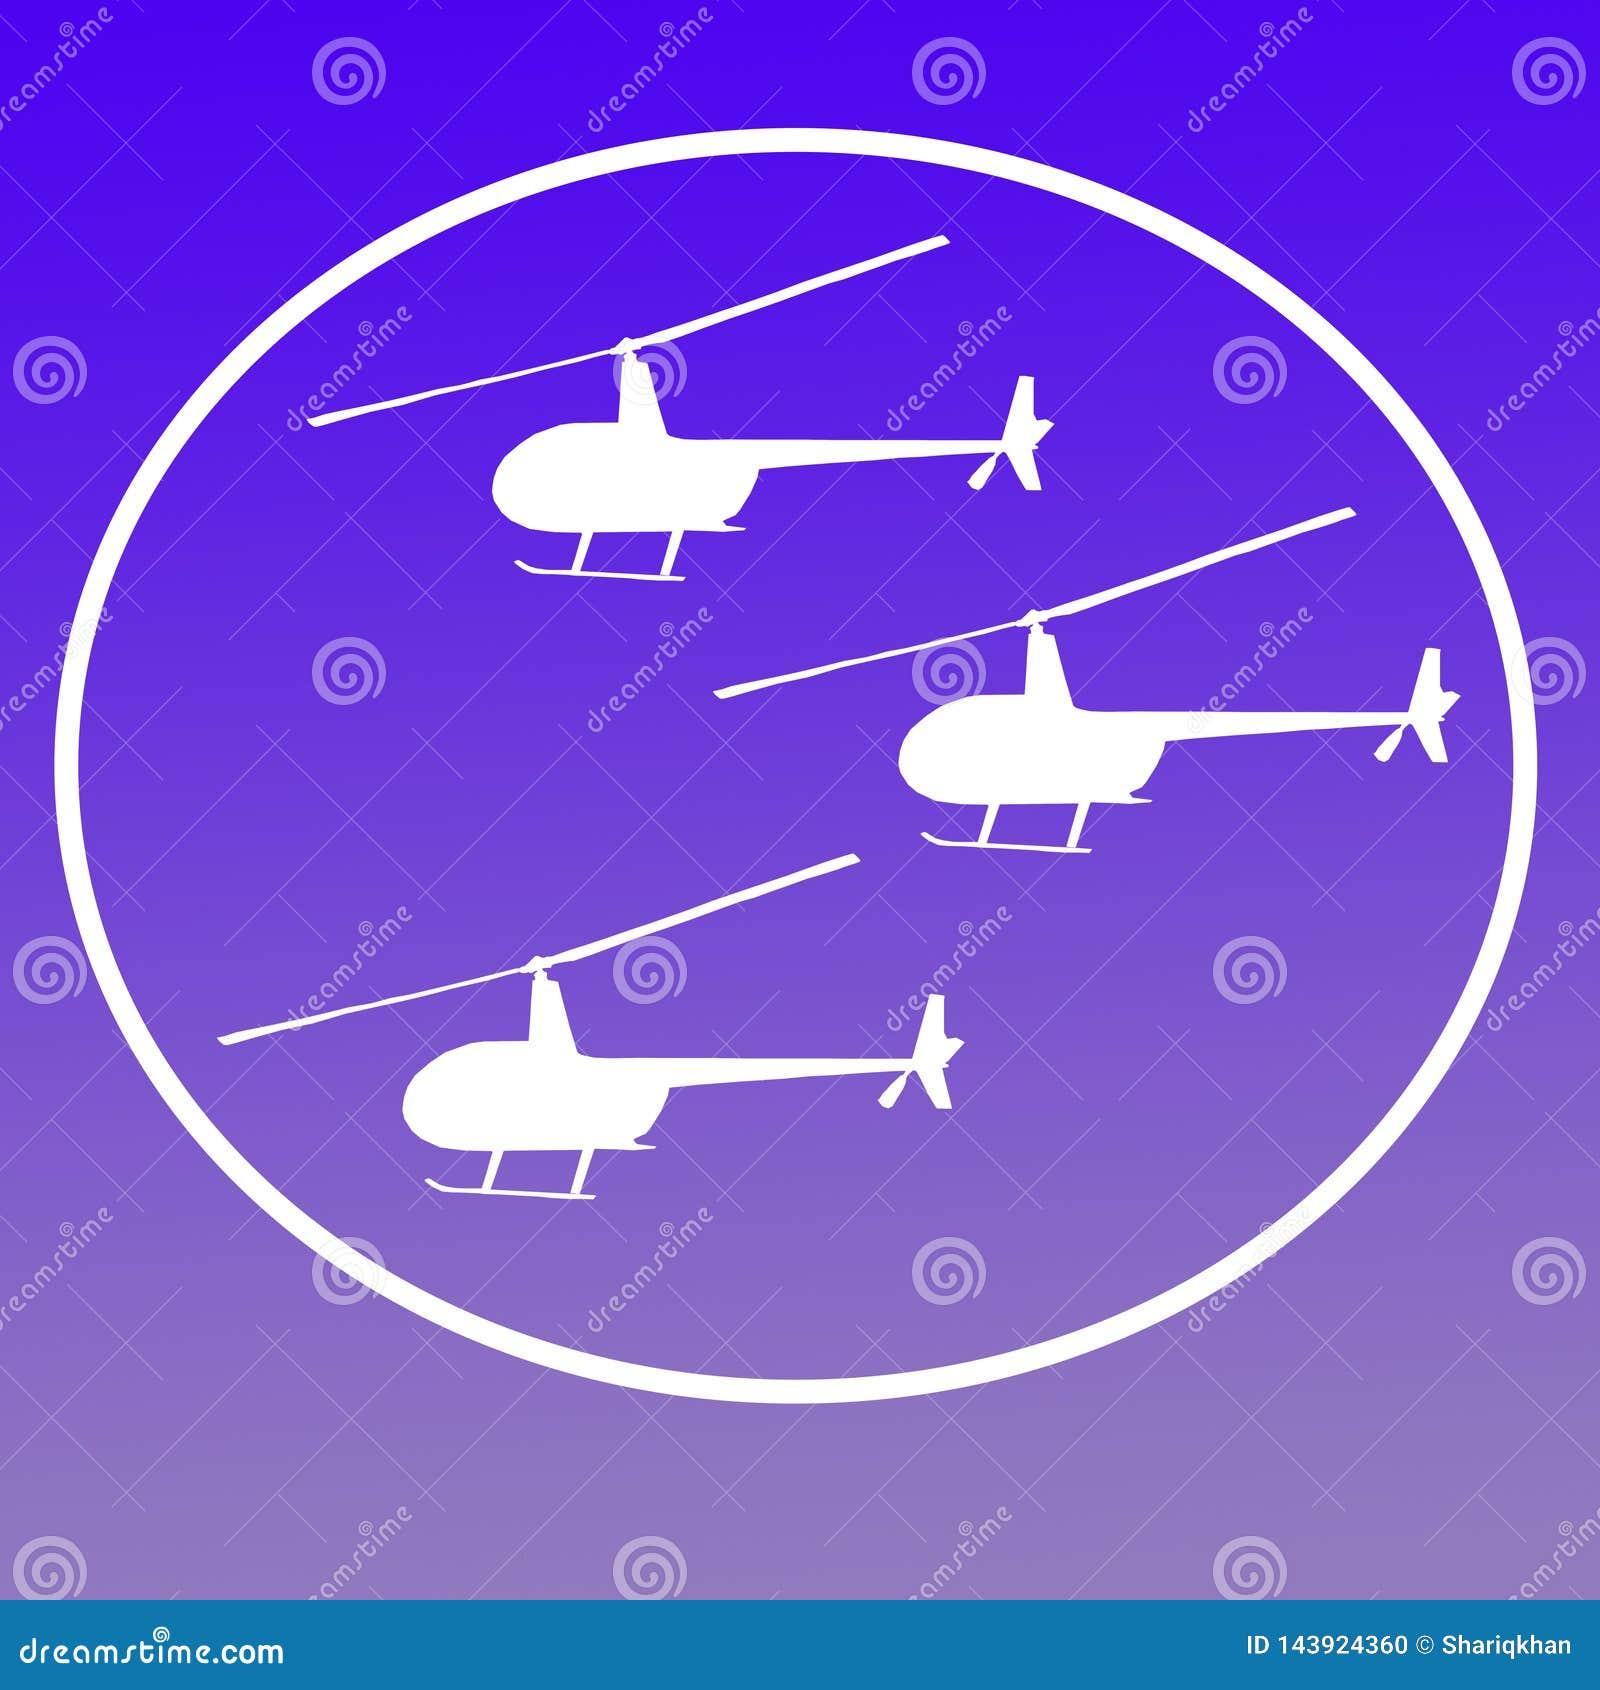 Zerhacker-Hubschrauber Logo Banner Background Image